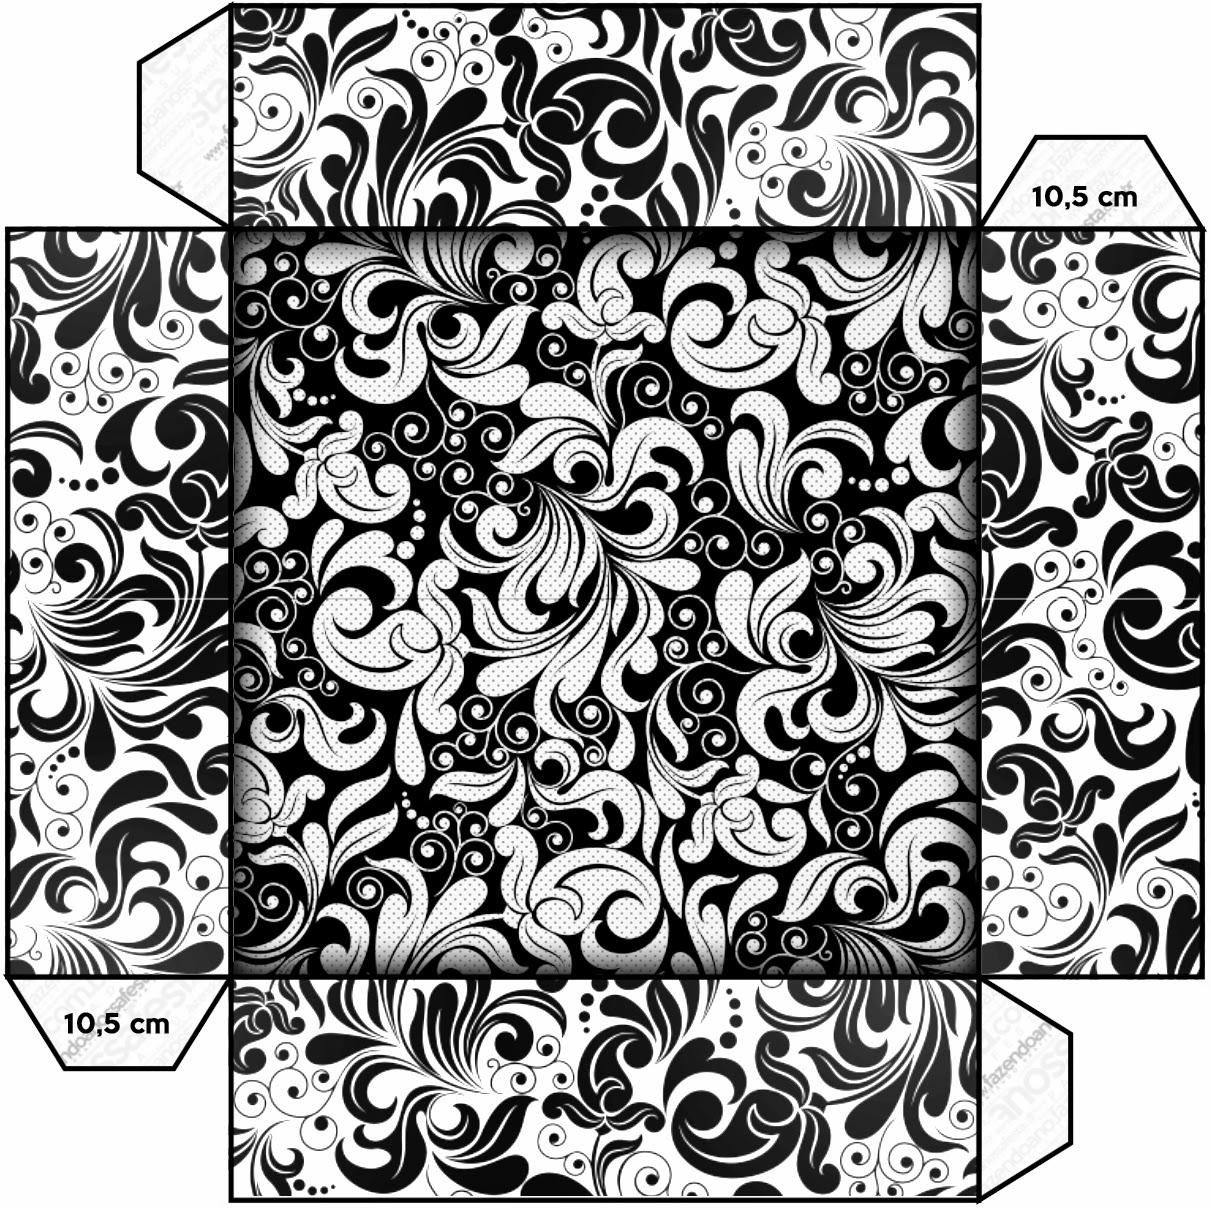 Blanco y Negro: Cajas para Imprimir Gratis. | Ideas y material ...